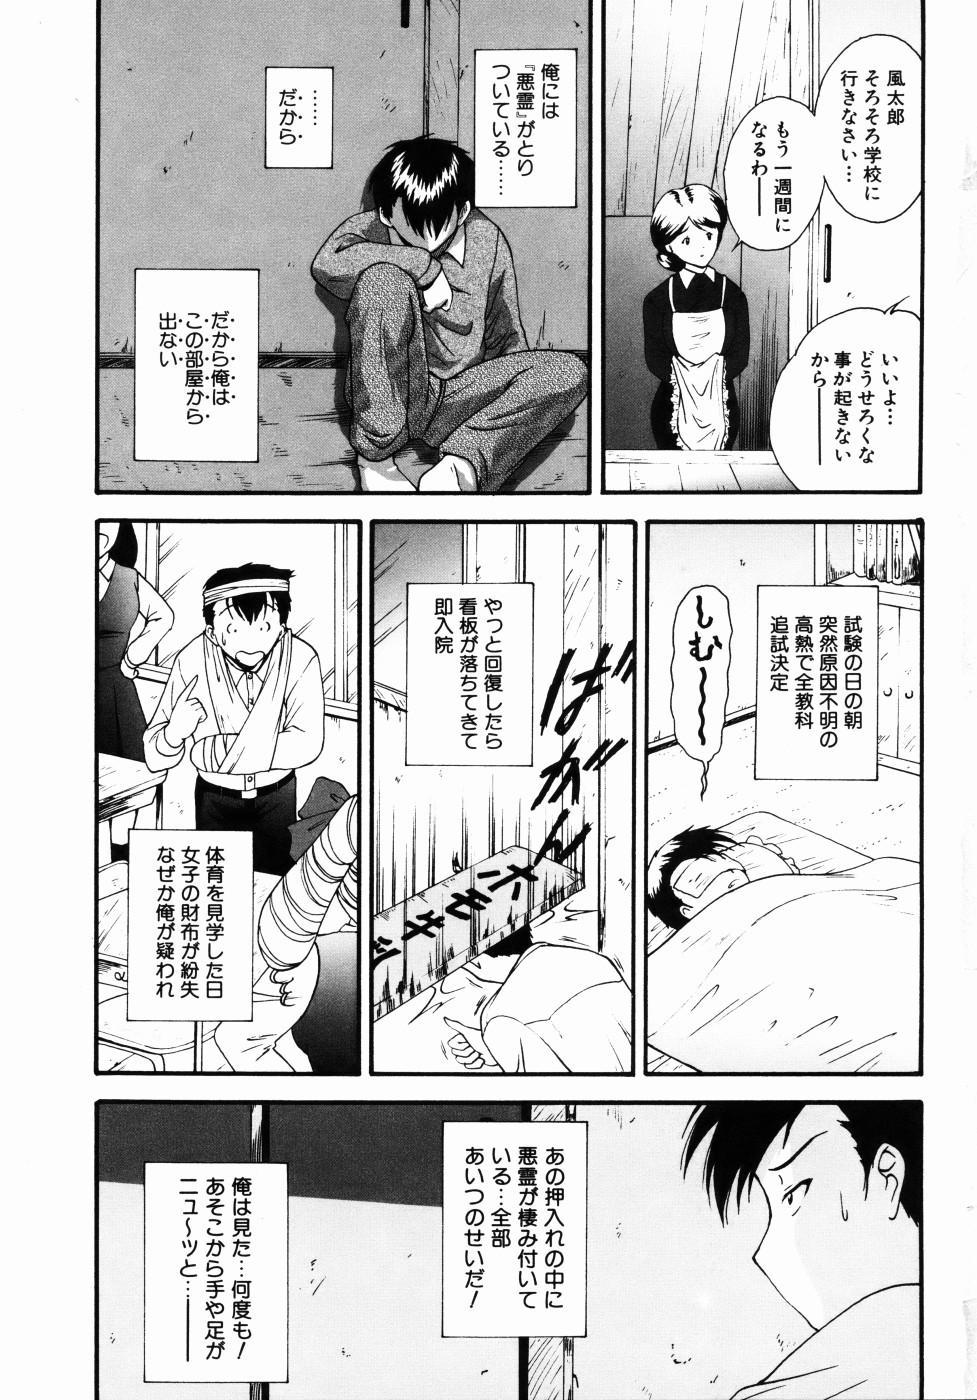 Daikyou Megami 7